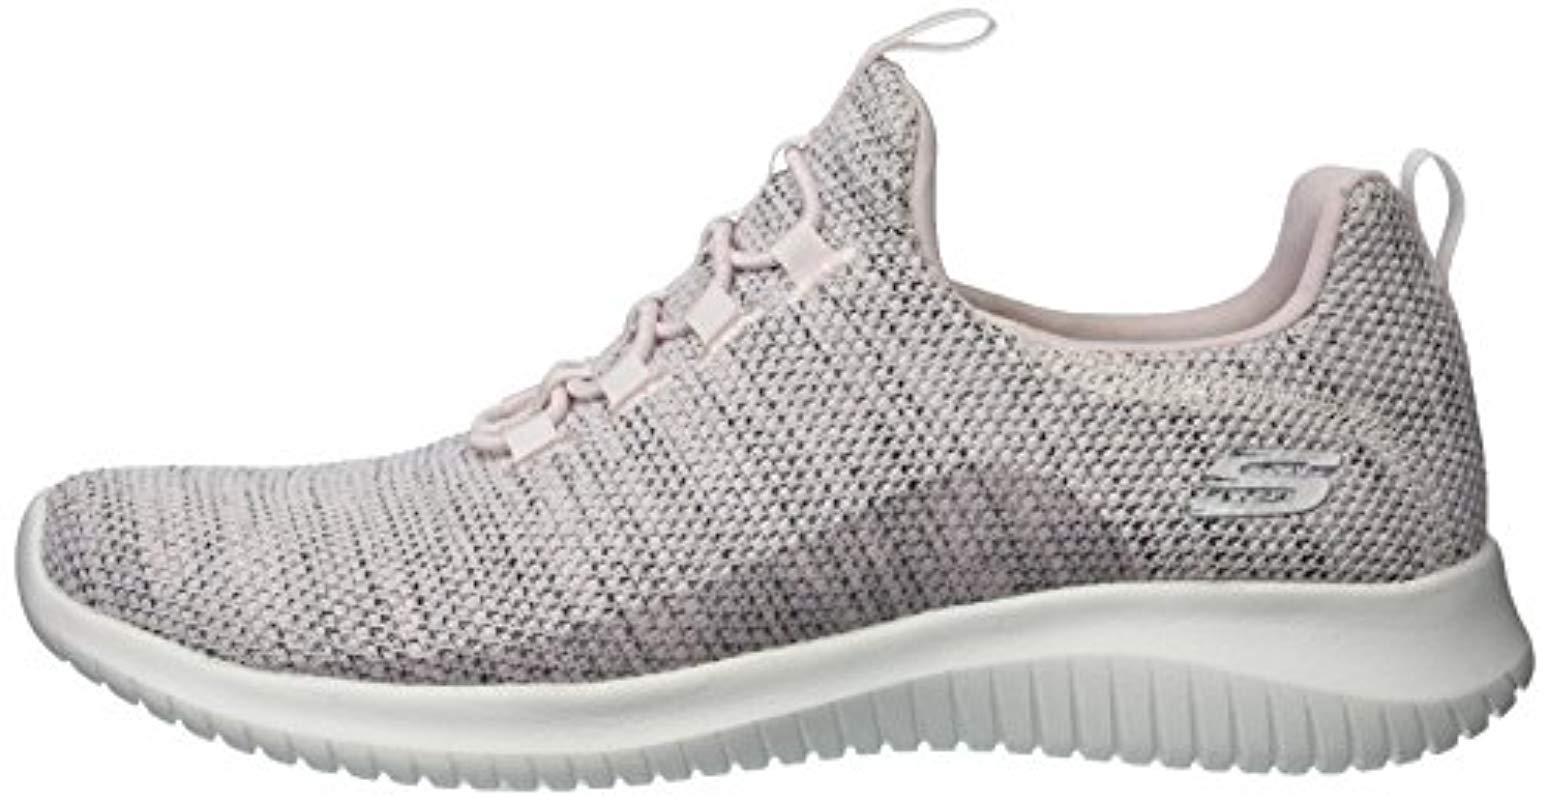 Skechers Ultra Flex Capsule Sneaker in